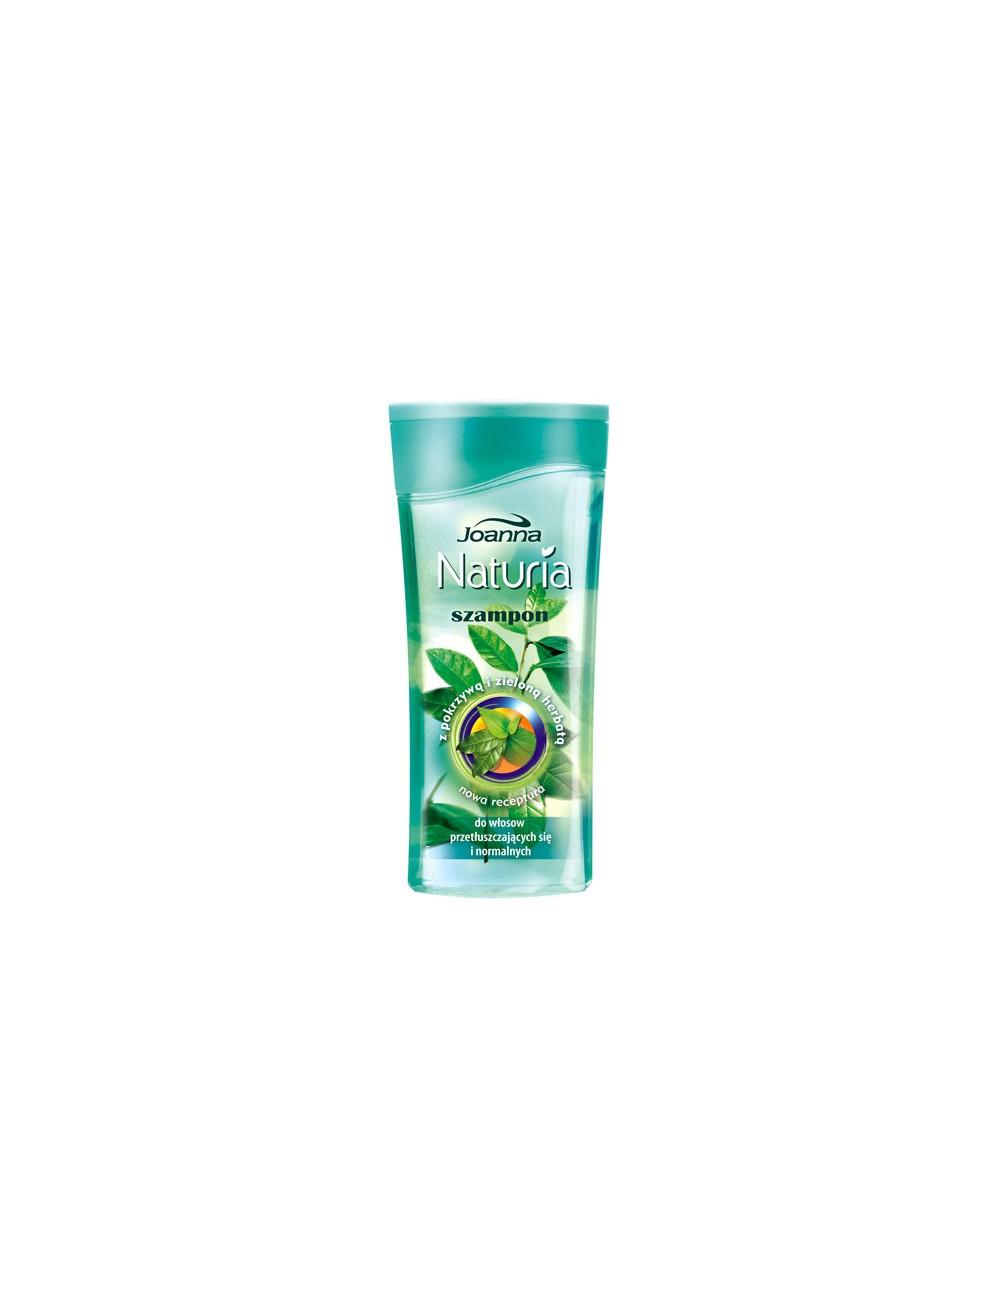 Joanna naturia szampon z pokrzywą i zieloną herbatą do włosów przetłuszczających się i normalnych 200ml